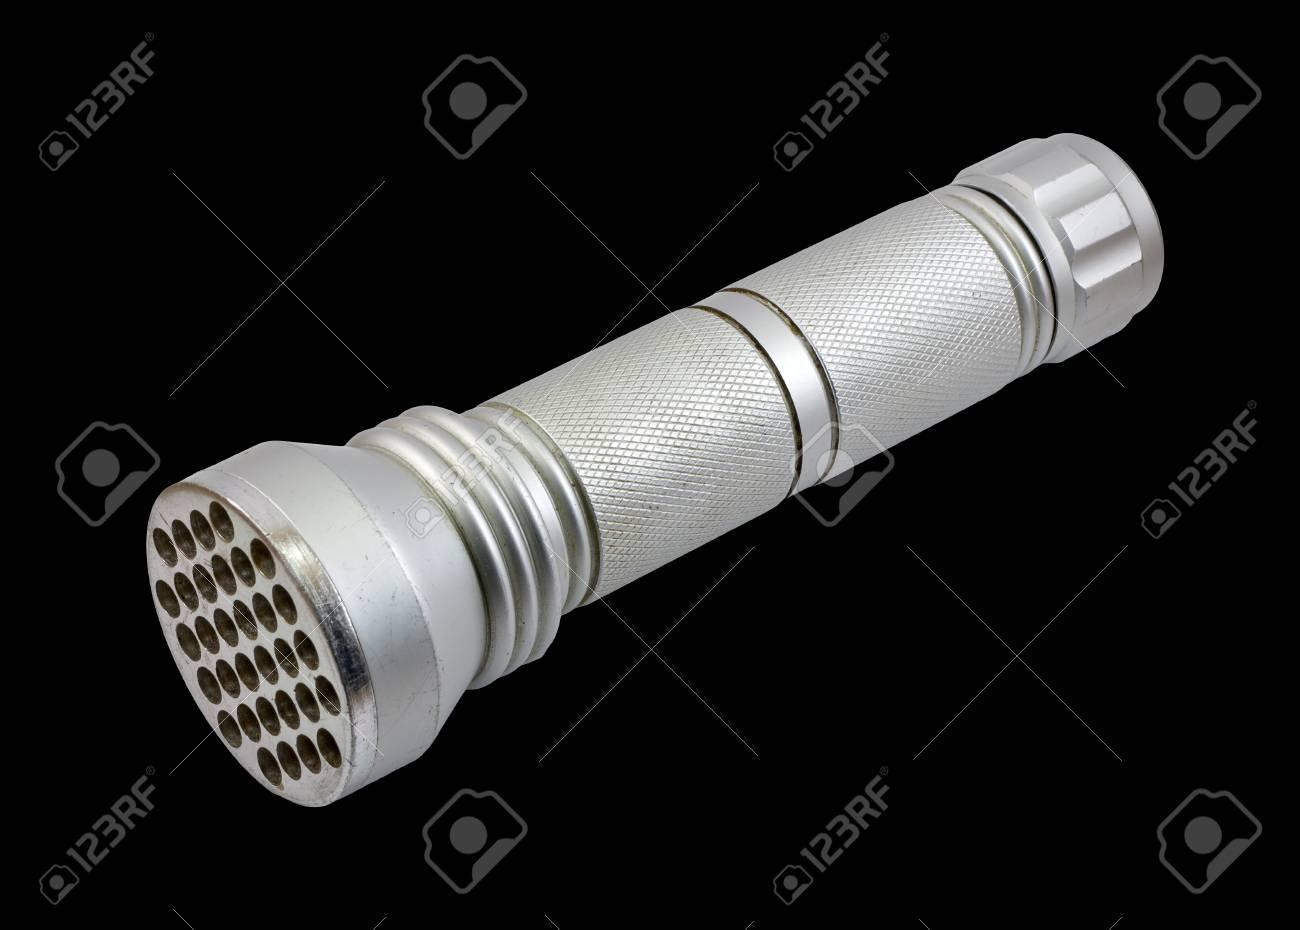 LED flashlight isolated on a black background Stock Photo - 12415301